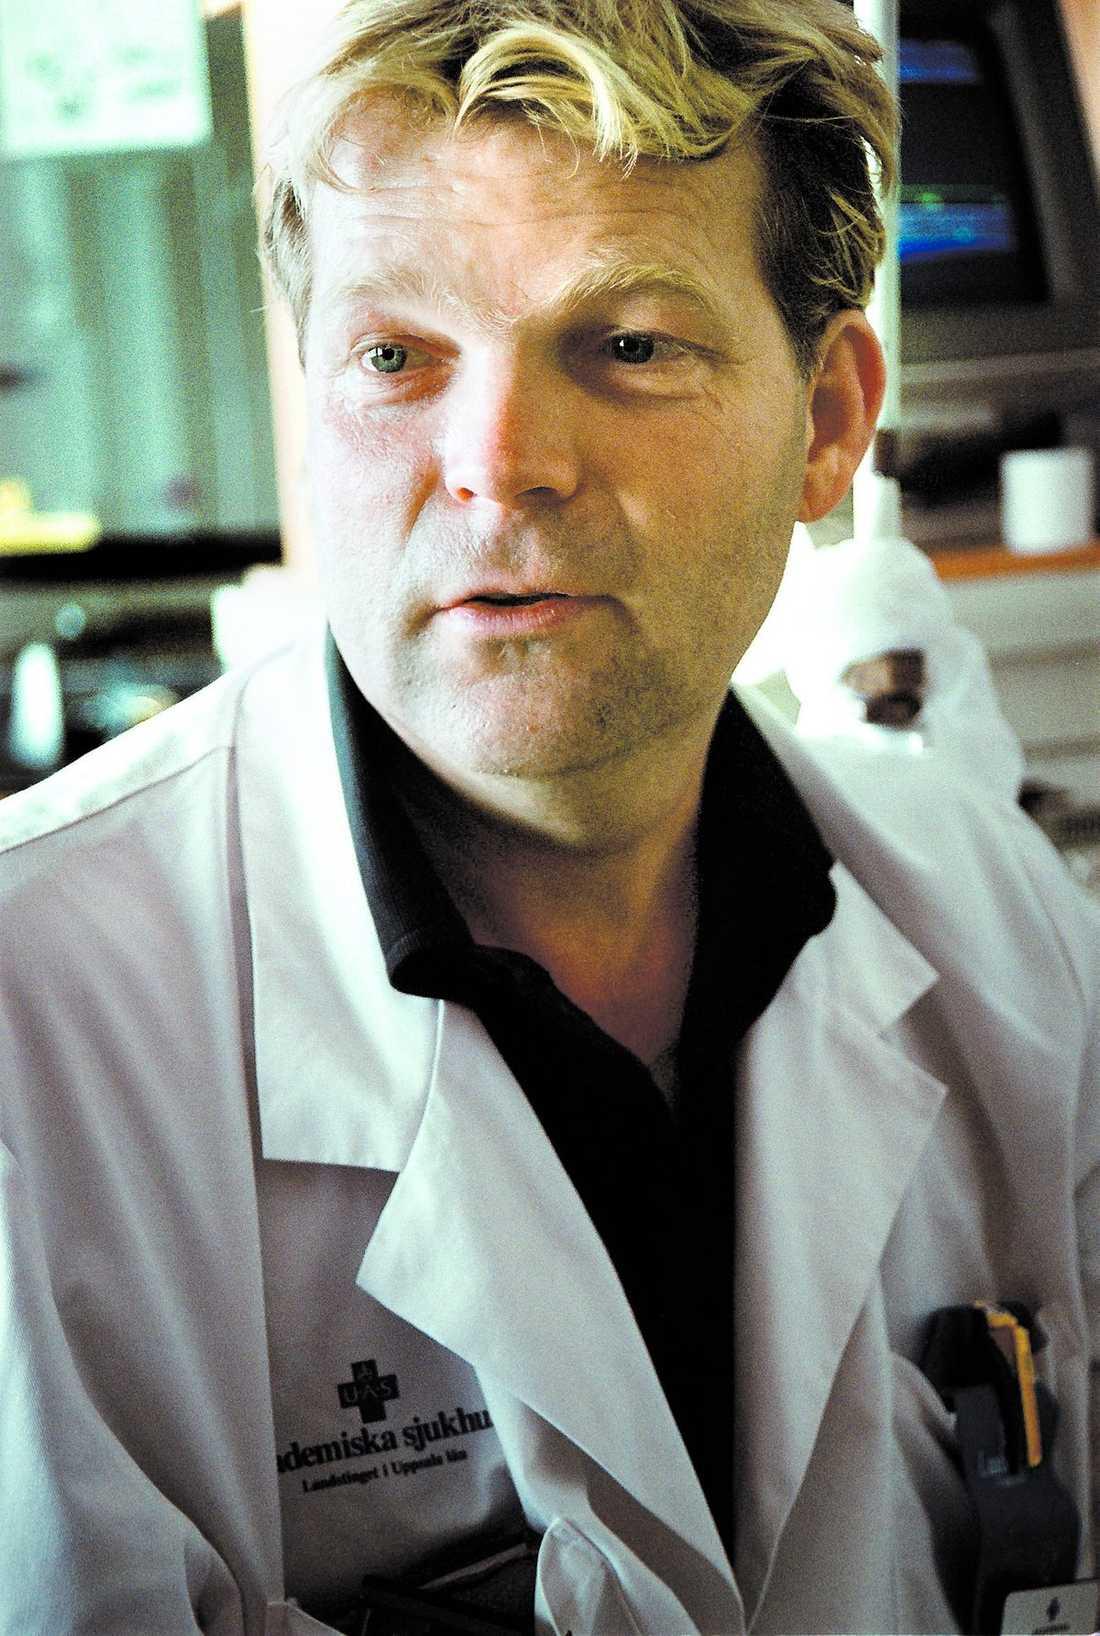 Mixen Viagra och grapefrukt kan leda till kärlkramp, säger överläkaren Stefan Branth.